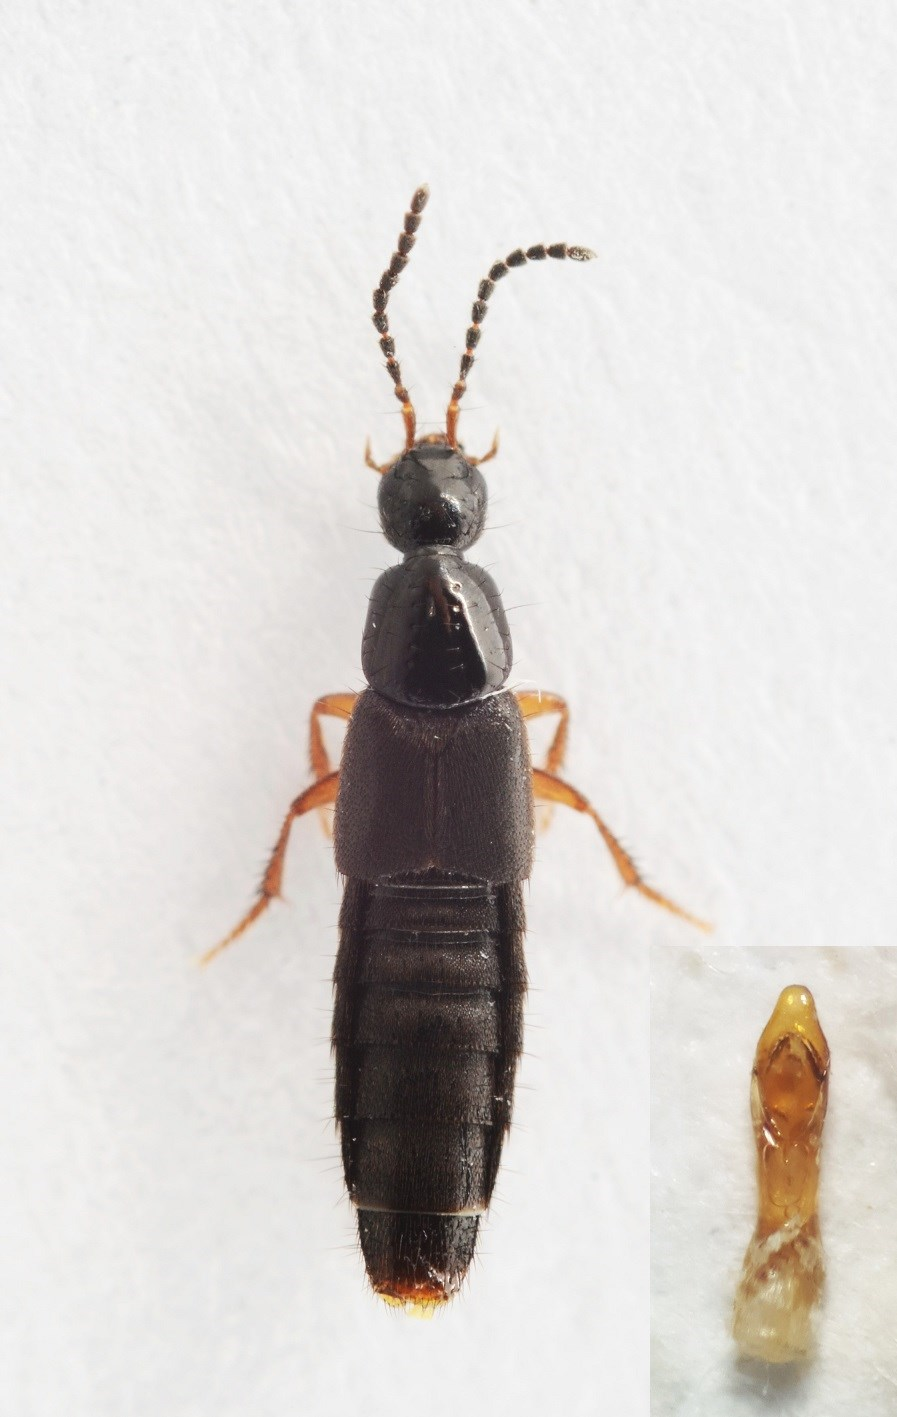 Philonthus micantoides